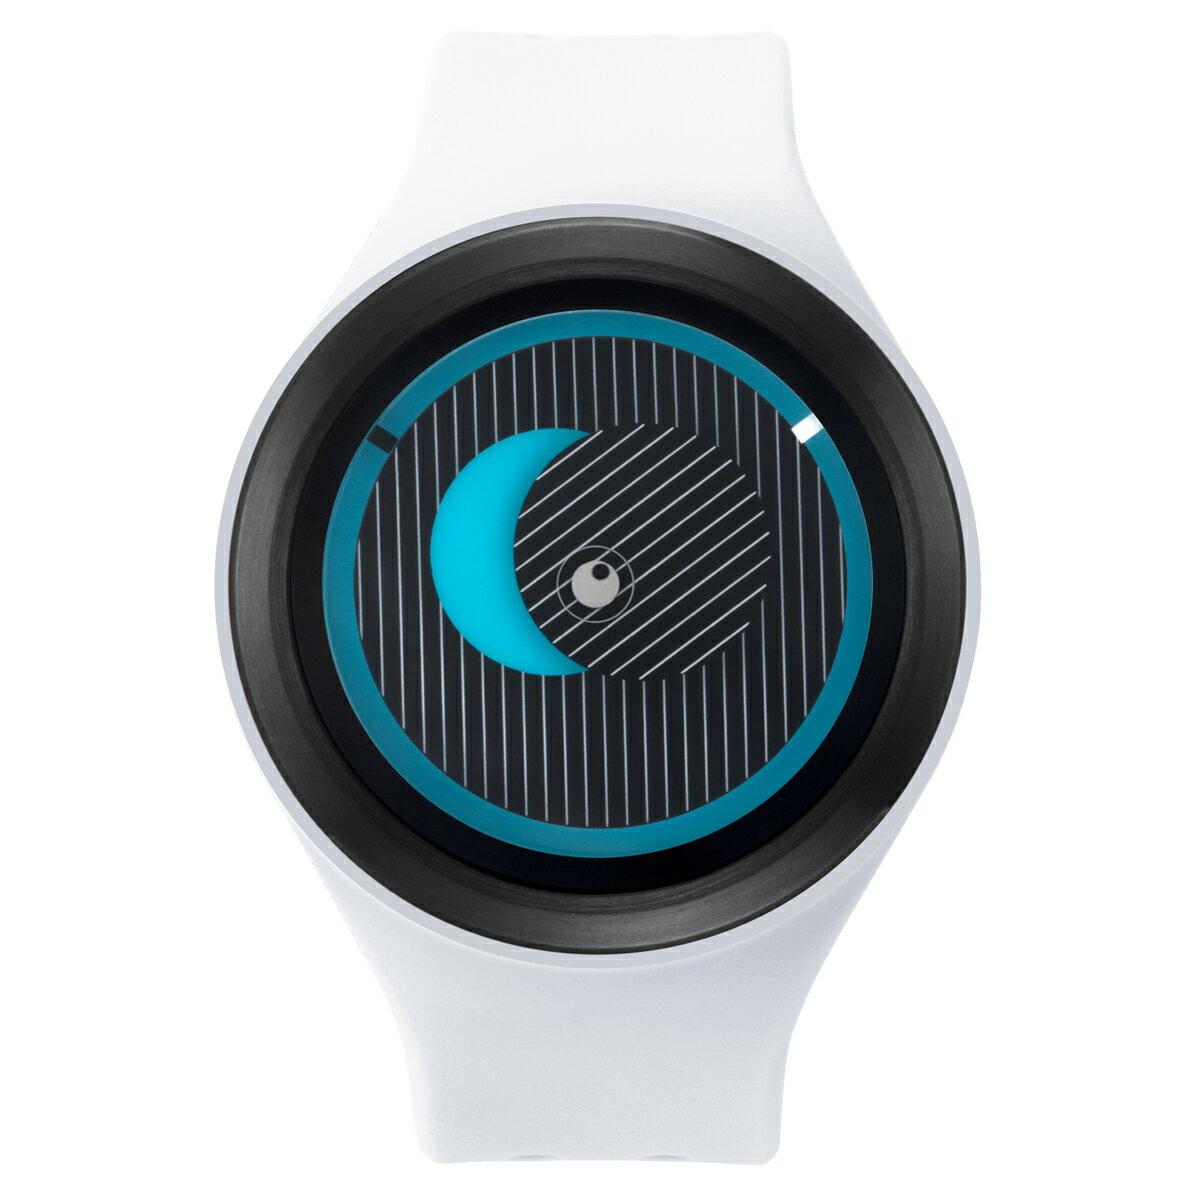 ZEROO SECRET UNIVERSE ゼロ 電池式クォーツ 腕時計 [W00501B03SR01] ホワイト デザインウォッチ ペア用 メンズ レディース ユニセックス おしゃれ時計 デザイナーズ